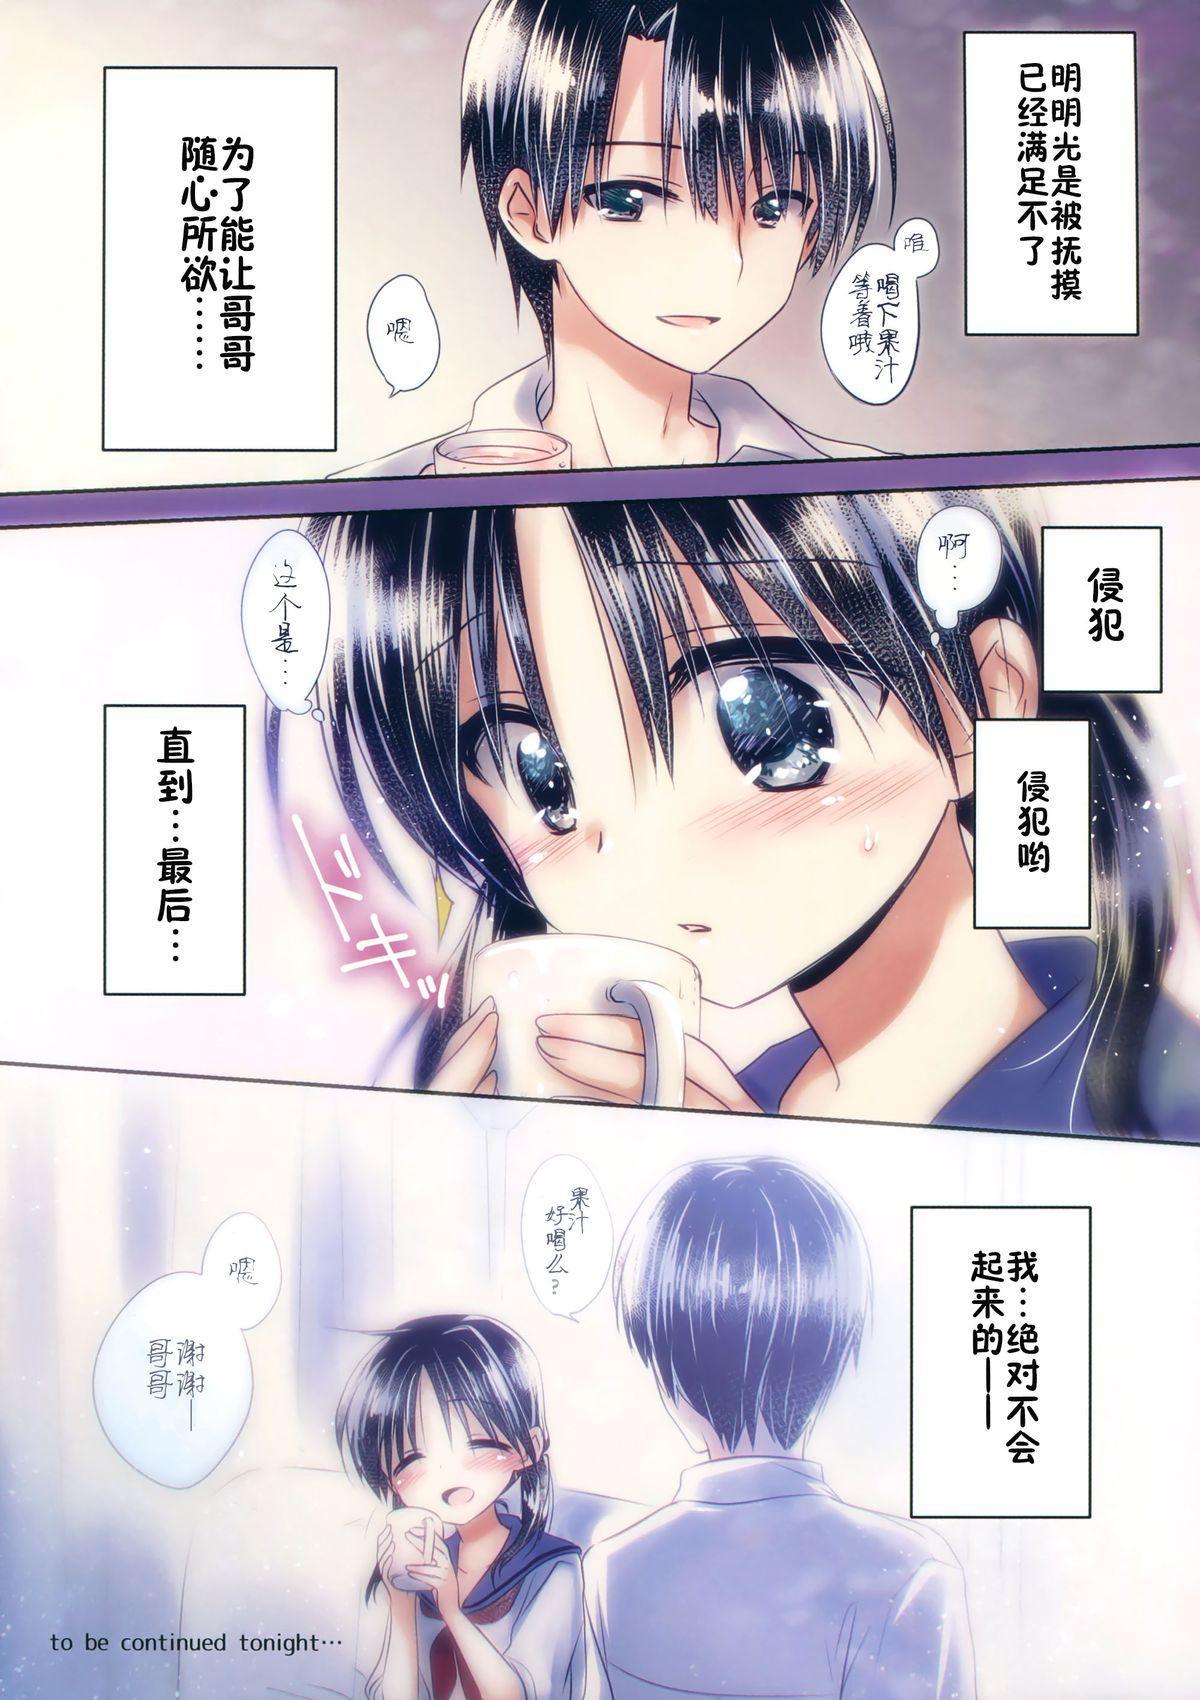 Oyasumi Sex am1:30 10